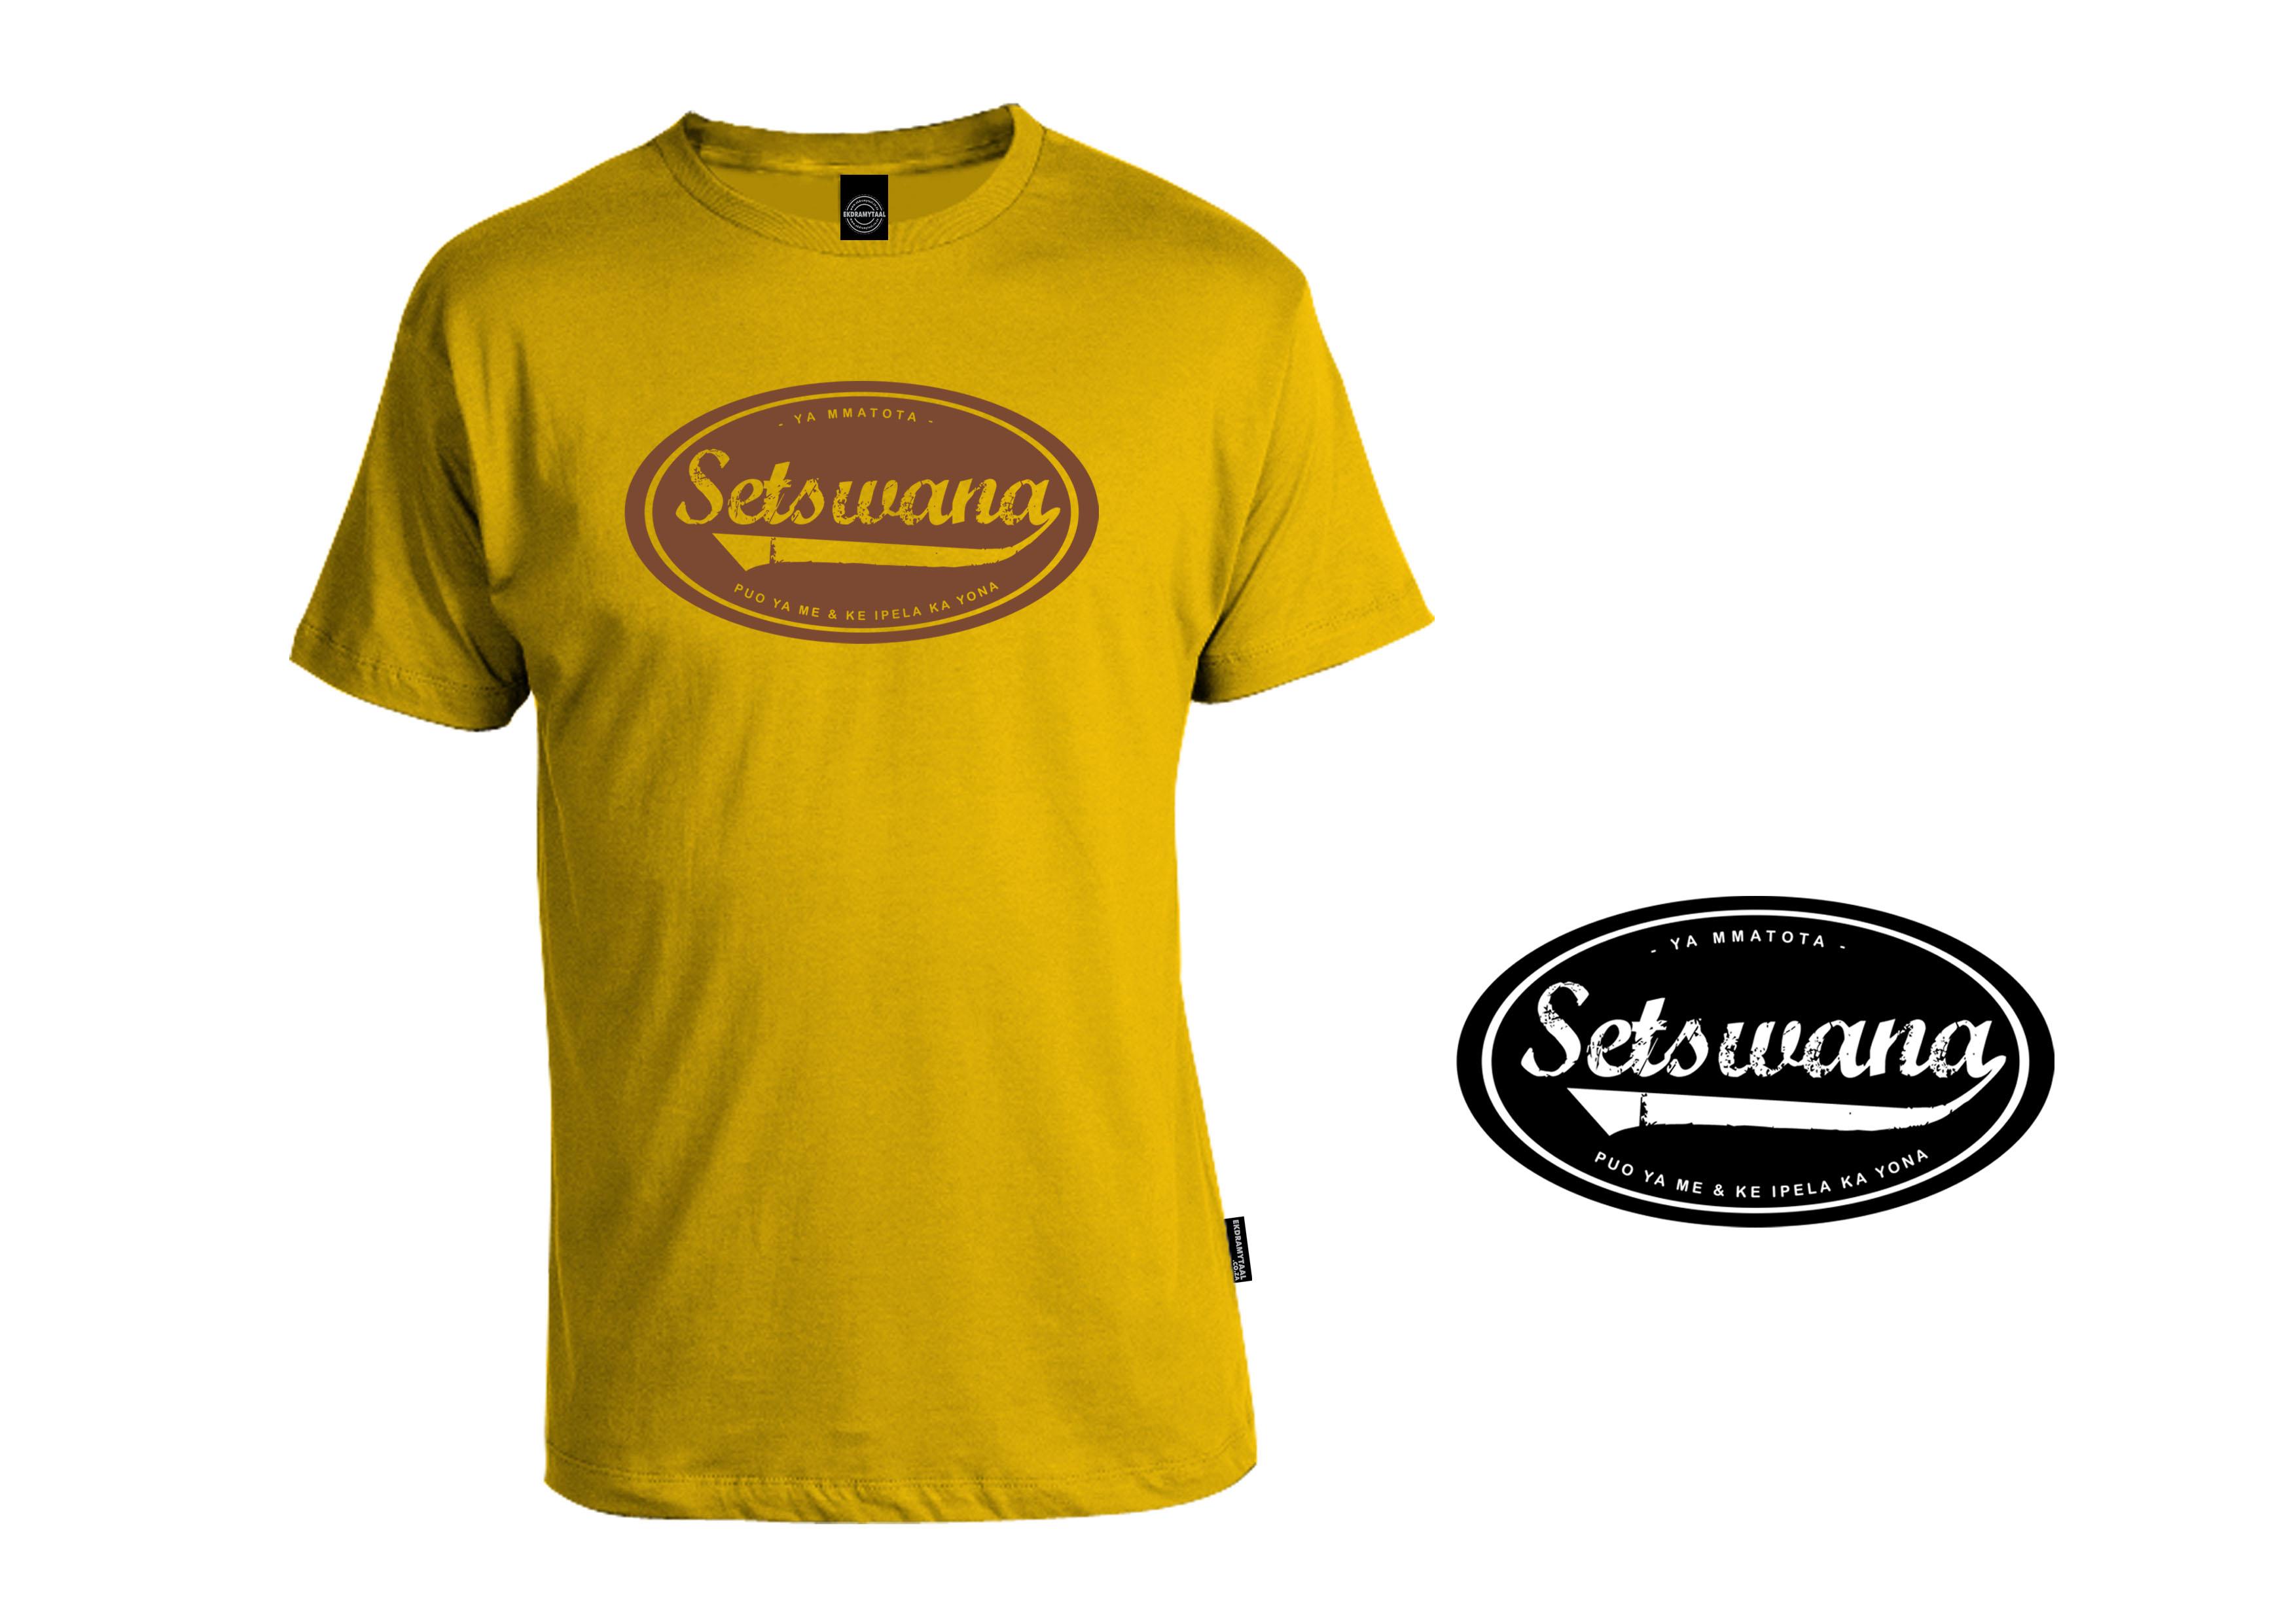 UNISEX - CREW NECK  165 gram - 100% Cotton  Shirt colour : Yellow  Print colour : Brown